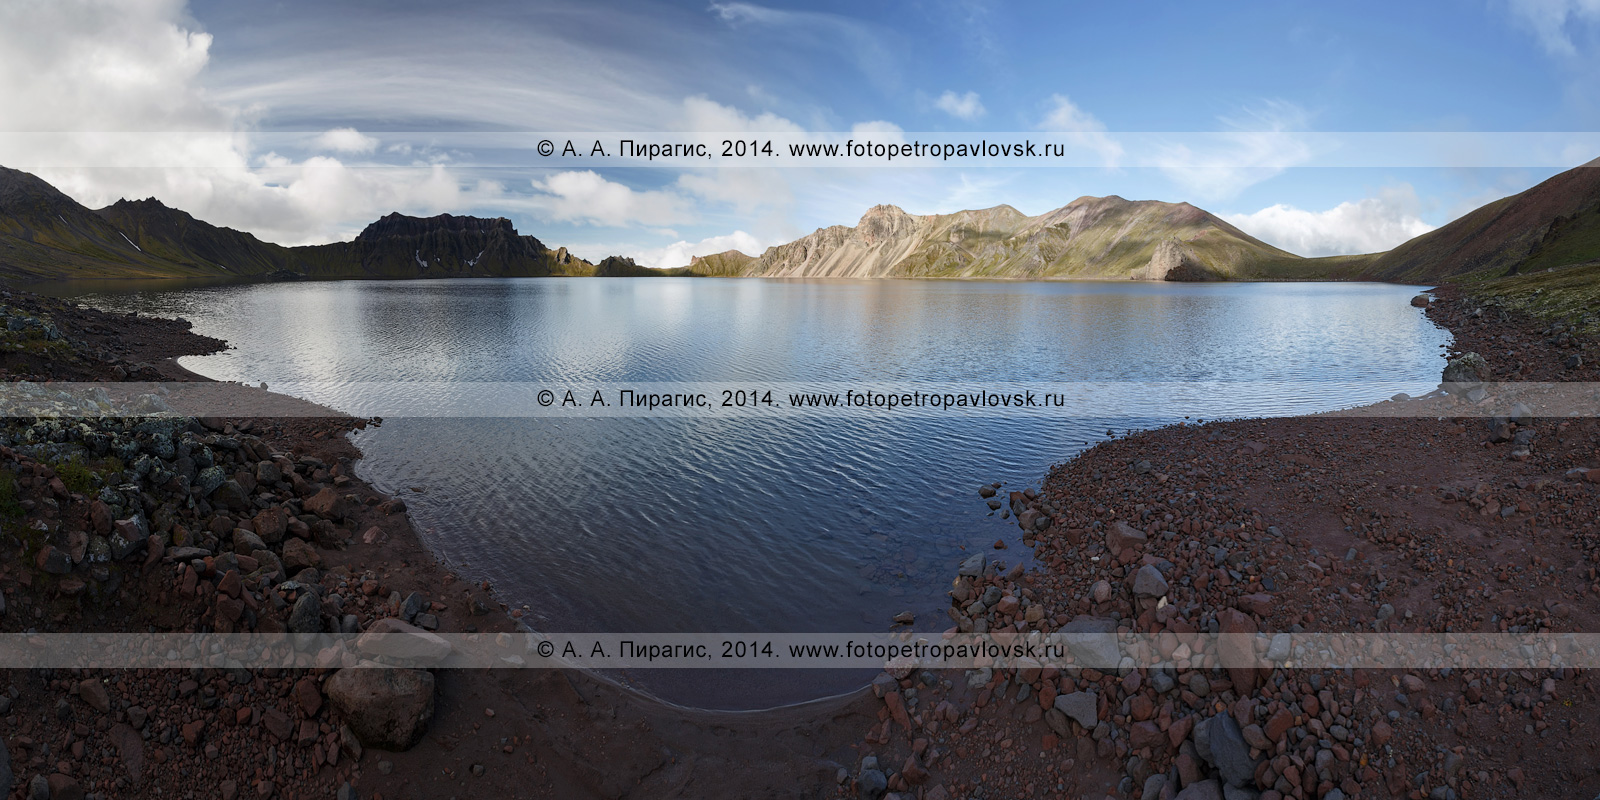 Фотография (панорама): озеро Хангар (озеро Кожгумк) в кратере действующего камчатского вулкана Хангар (Khangar Volcano). Полуостров Камчатка, Срединный хребет, Срединный вулканический пояс